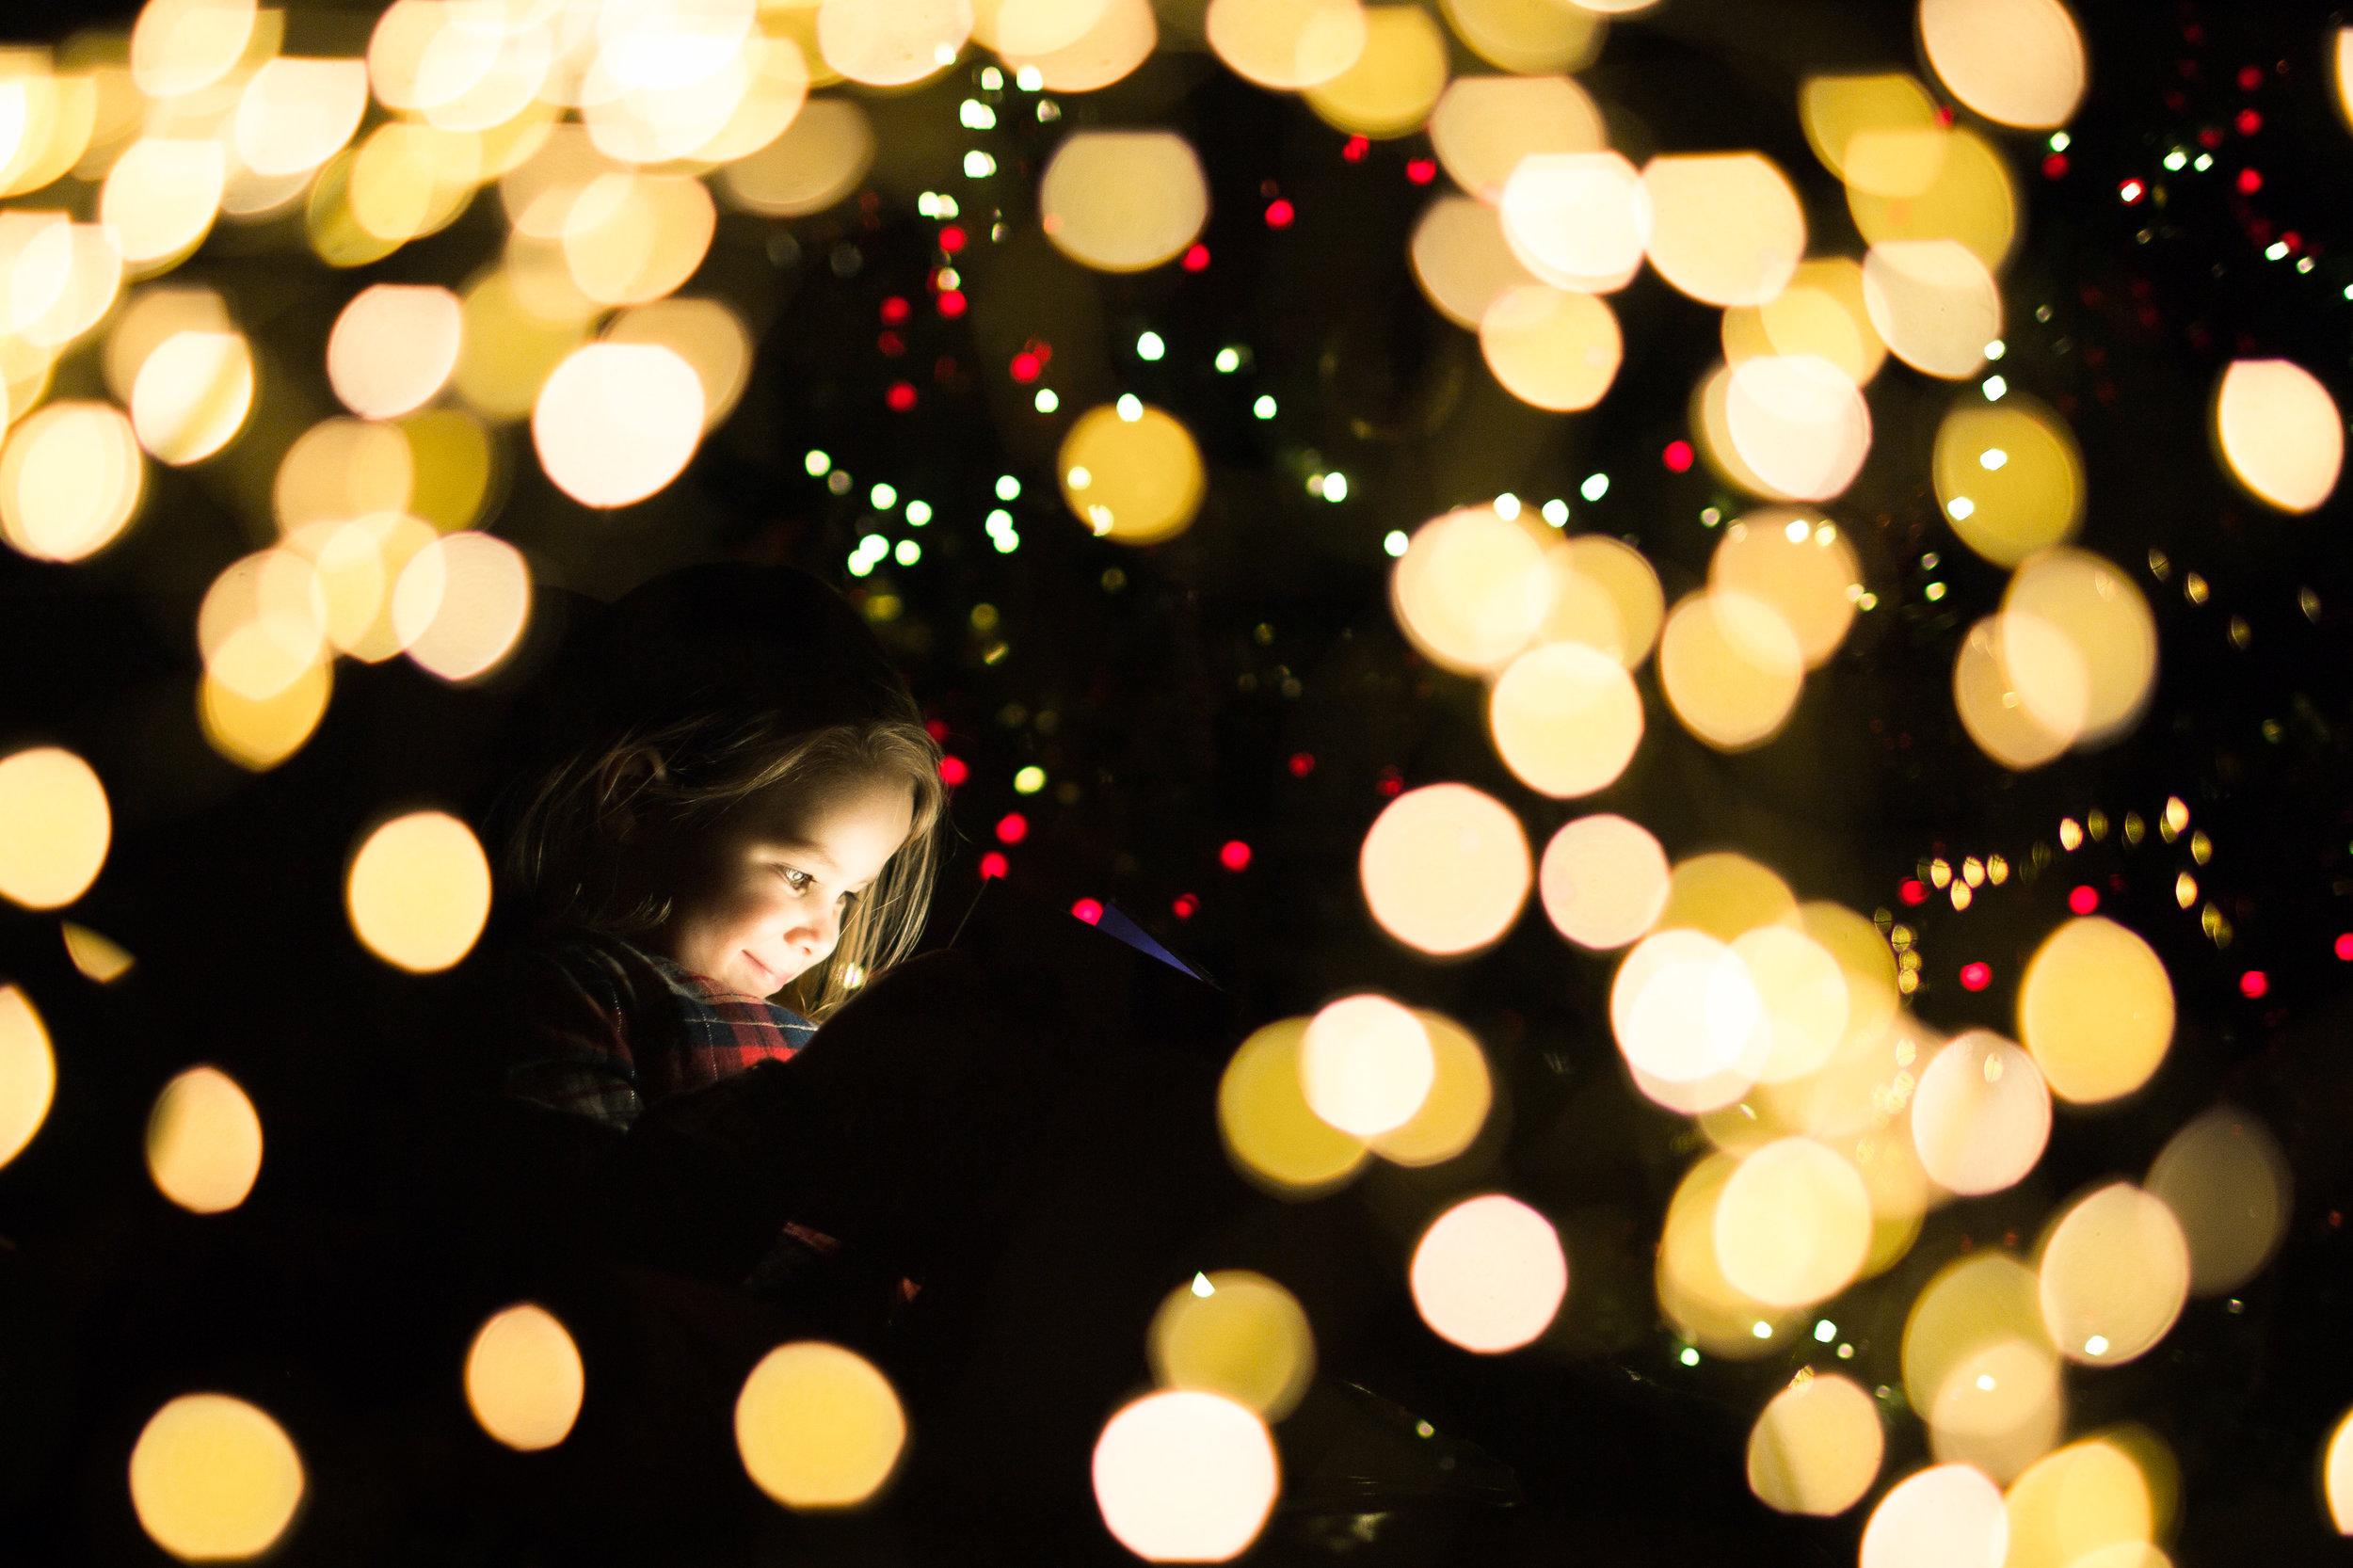 Christmas lights child image